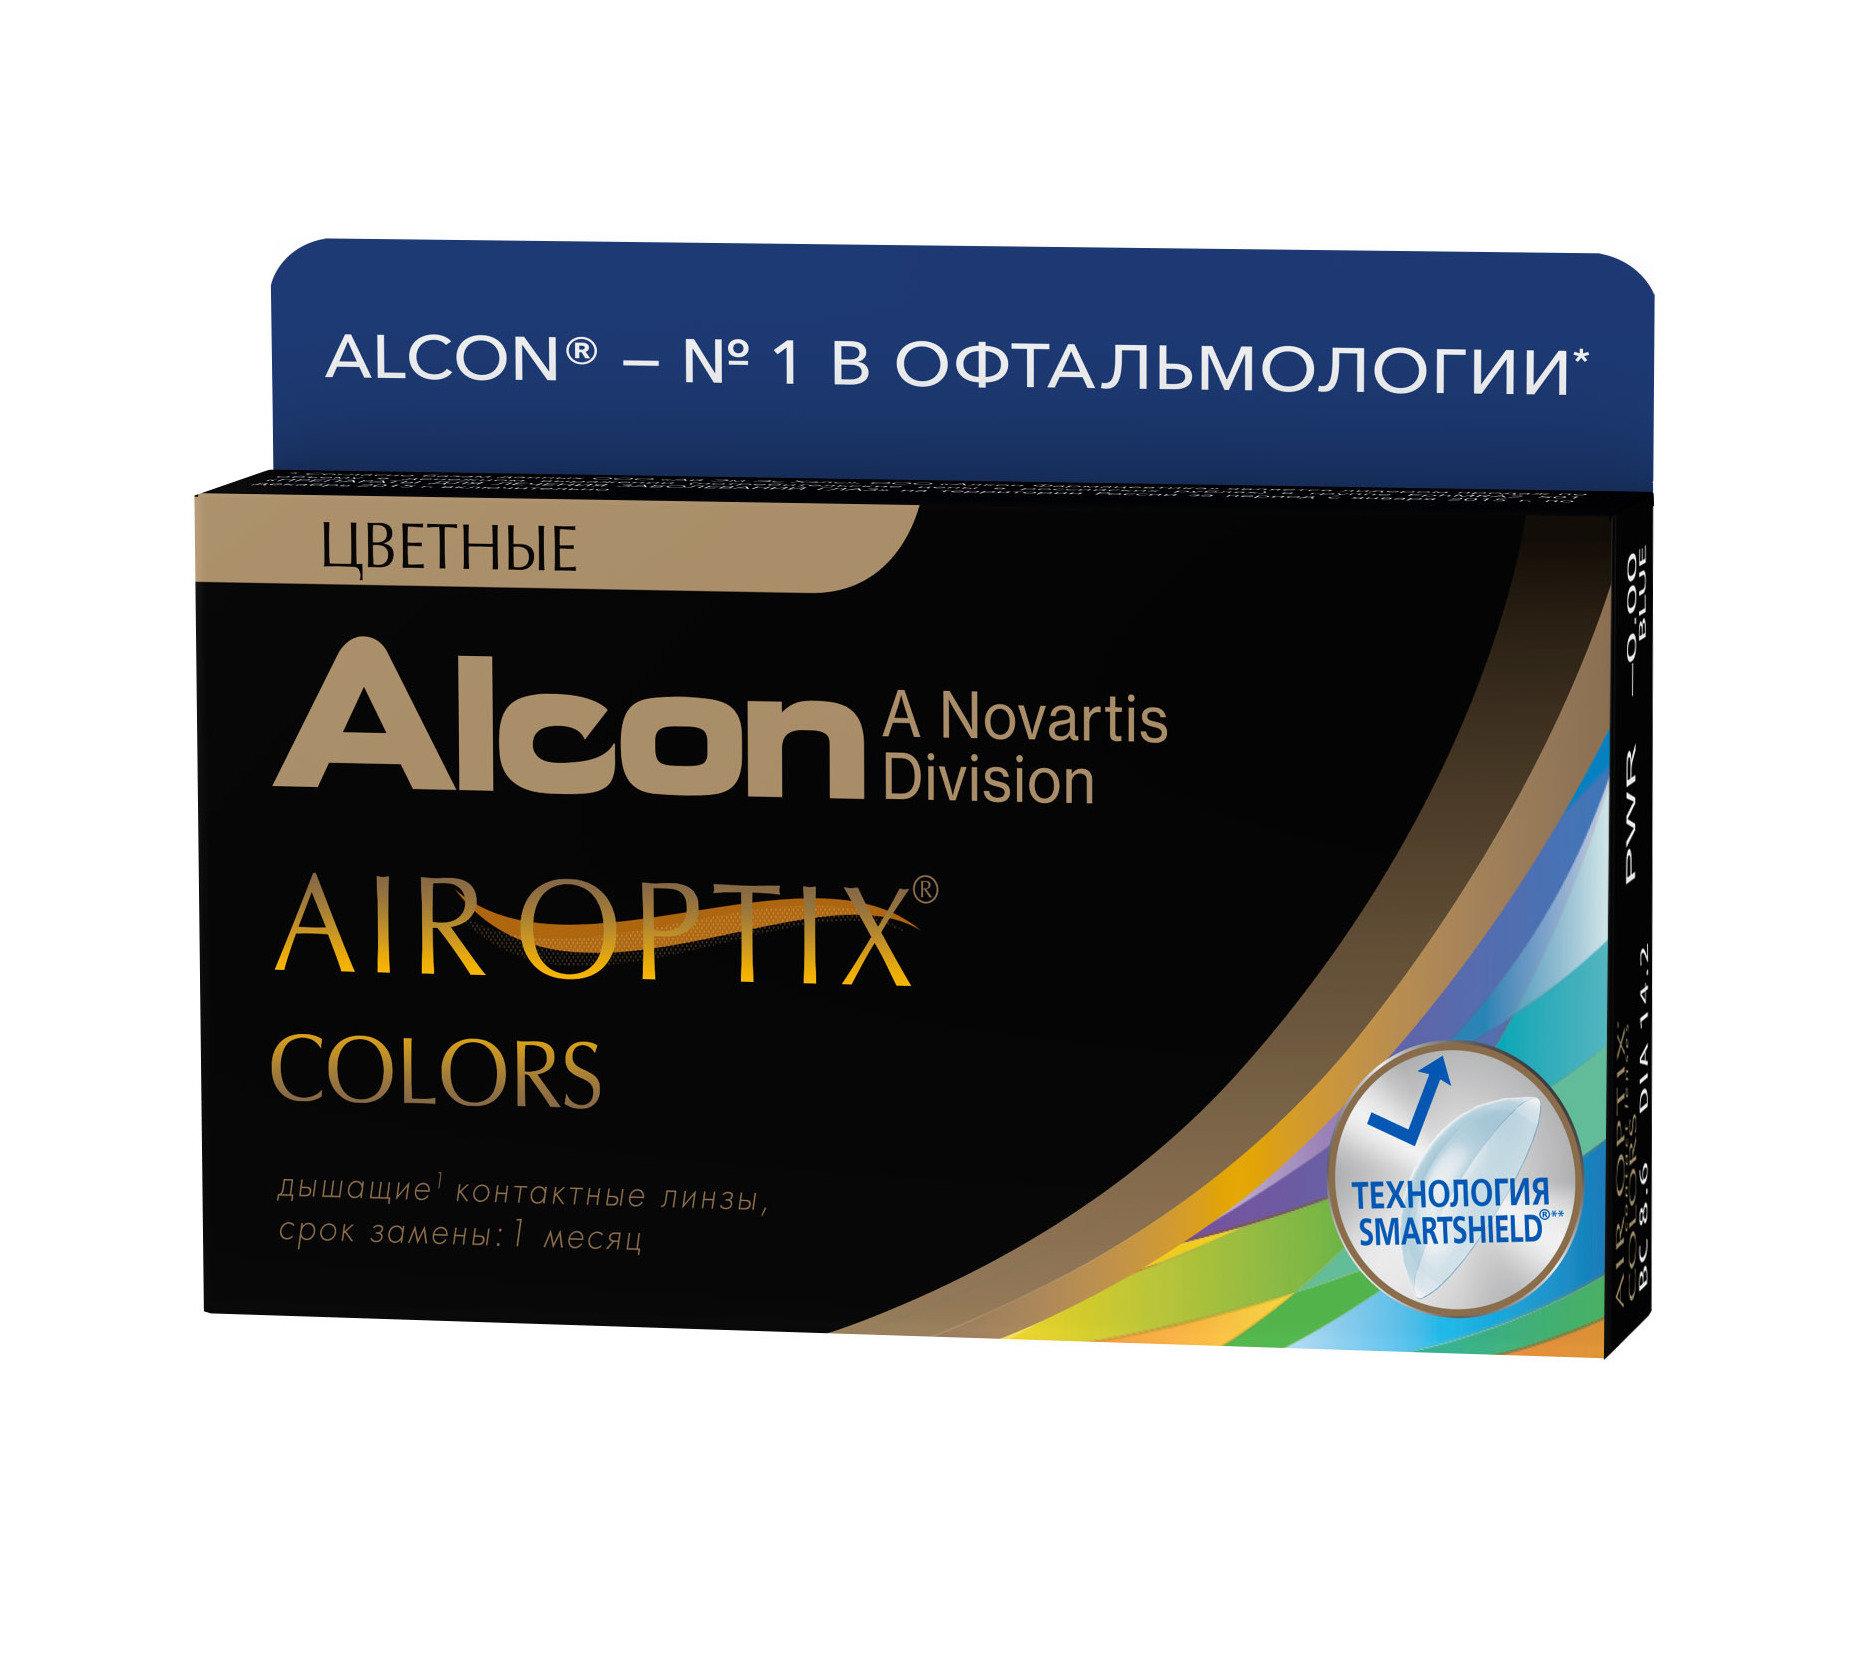 Контактные линзы AIR OPTIX COLORS (2 линзы)